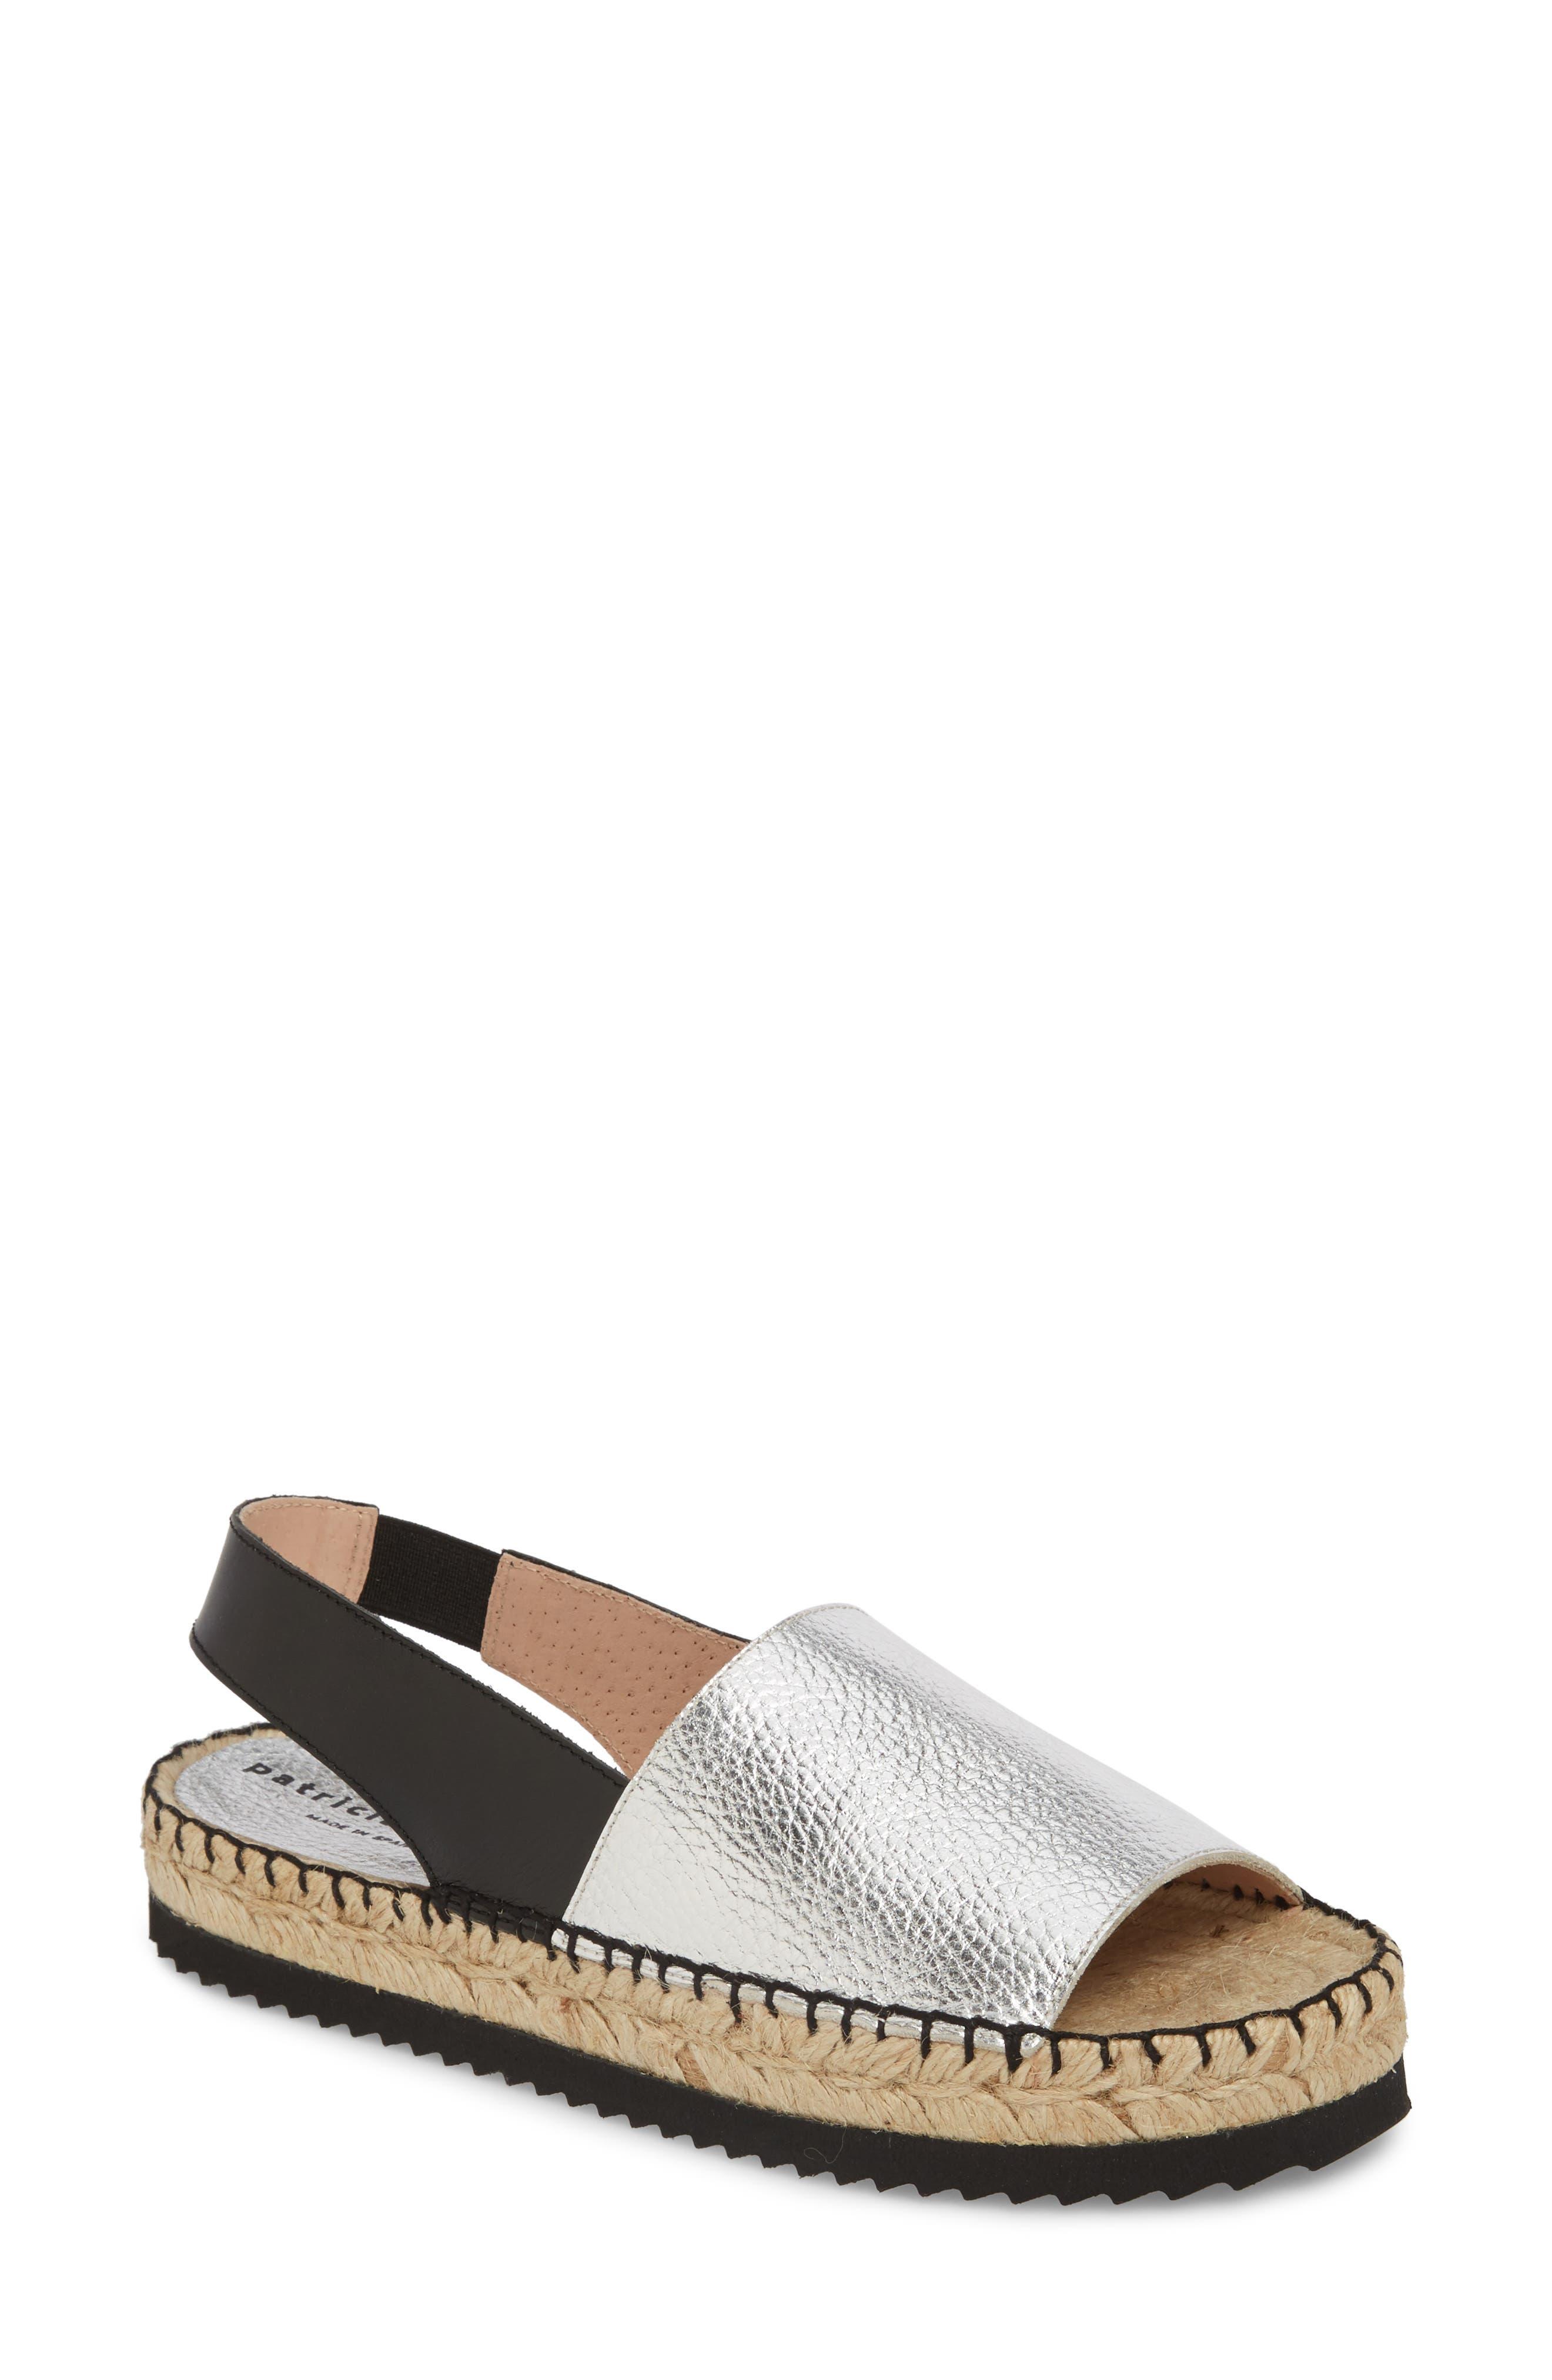 Soho Platform Espadrille Sandal,                         Main,                         color, Silver Suede